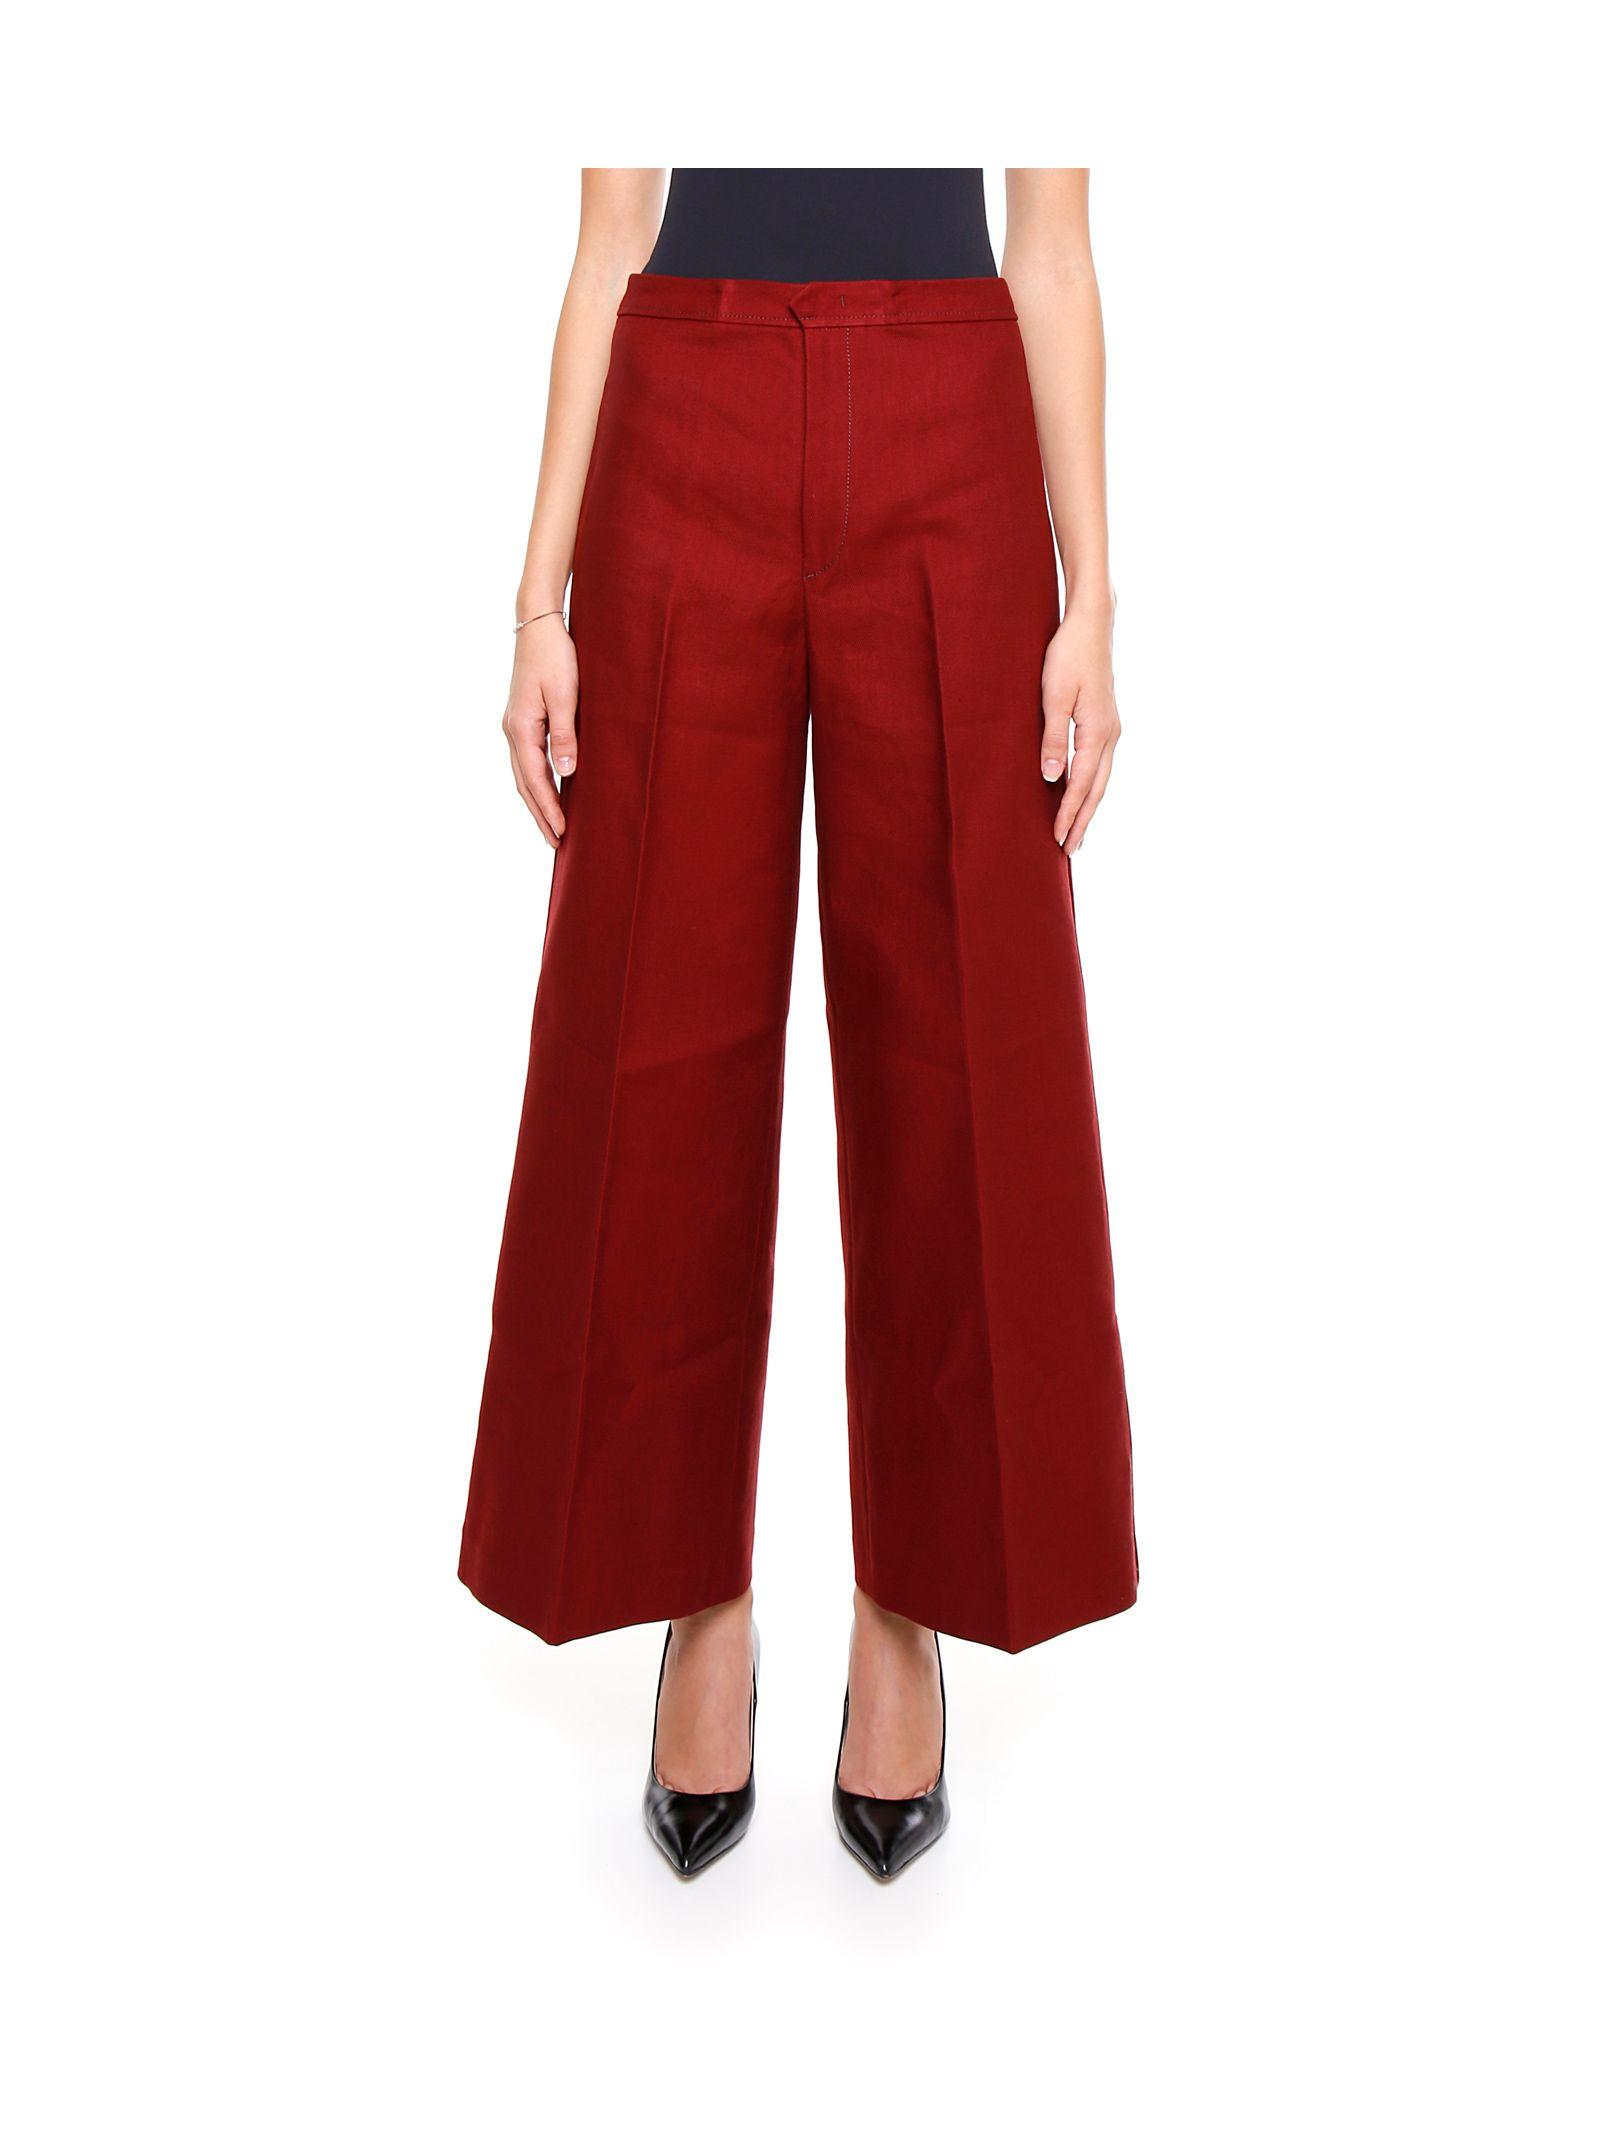 Pantaloni de damă ISABEL MARANT, evazați, din bumbac, cu talie înaltă